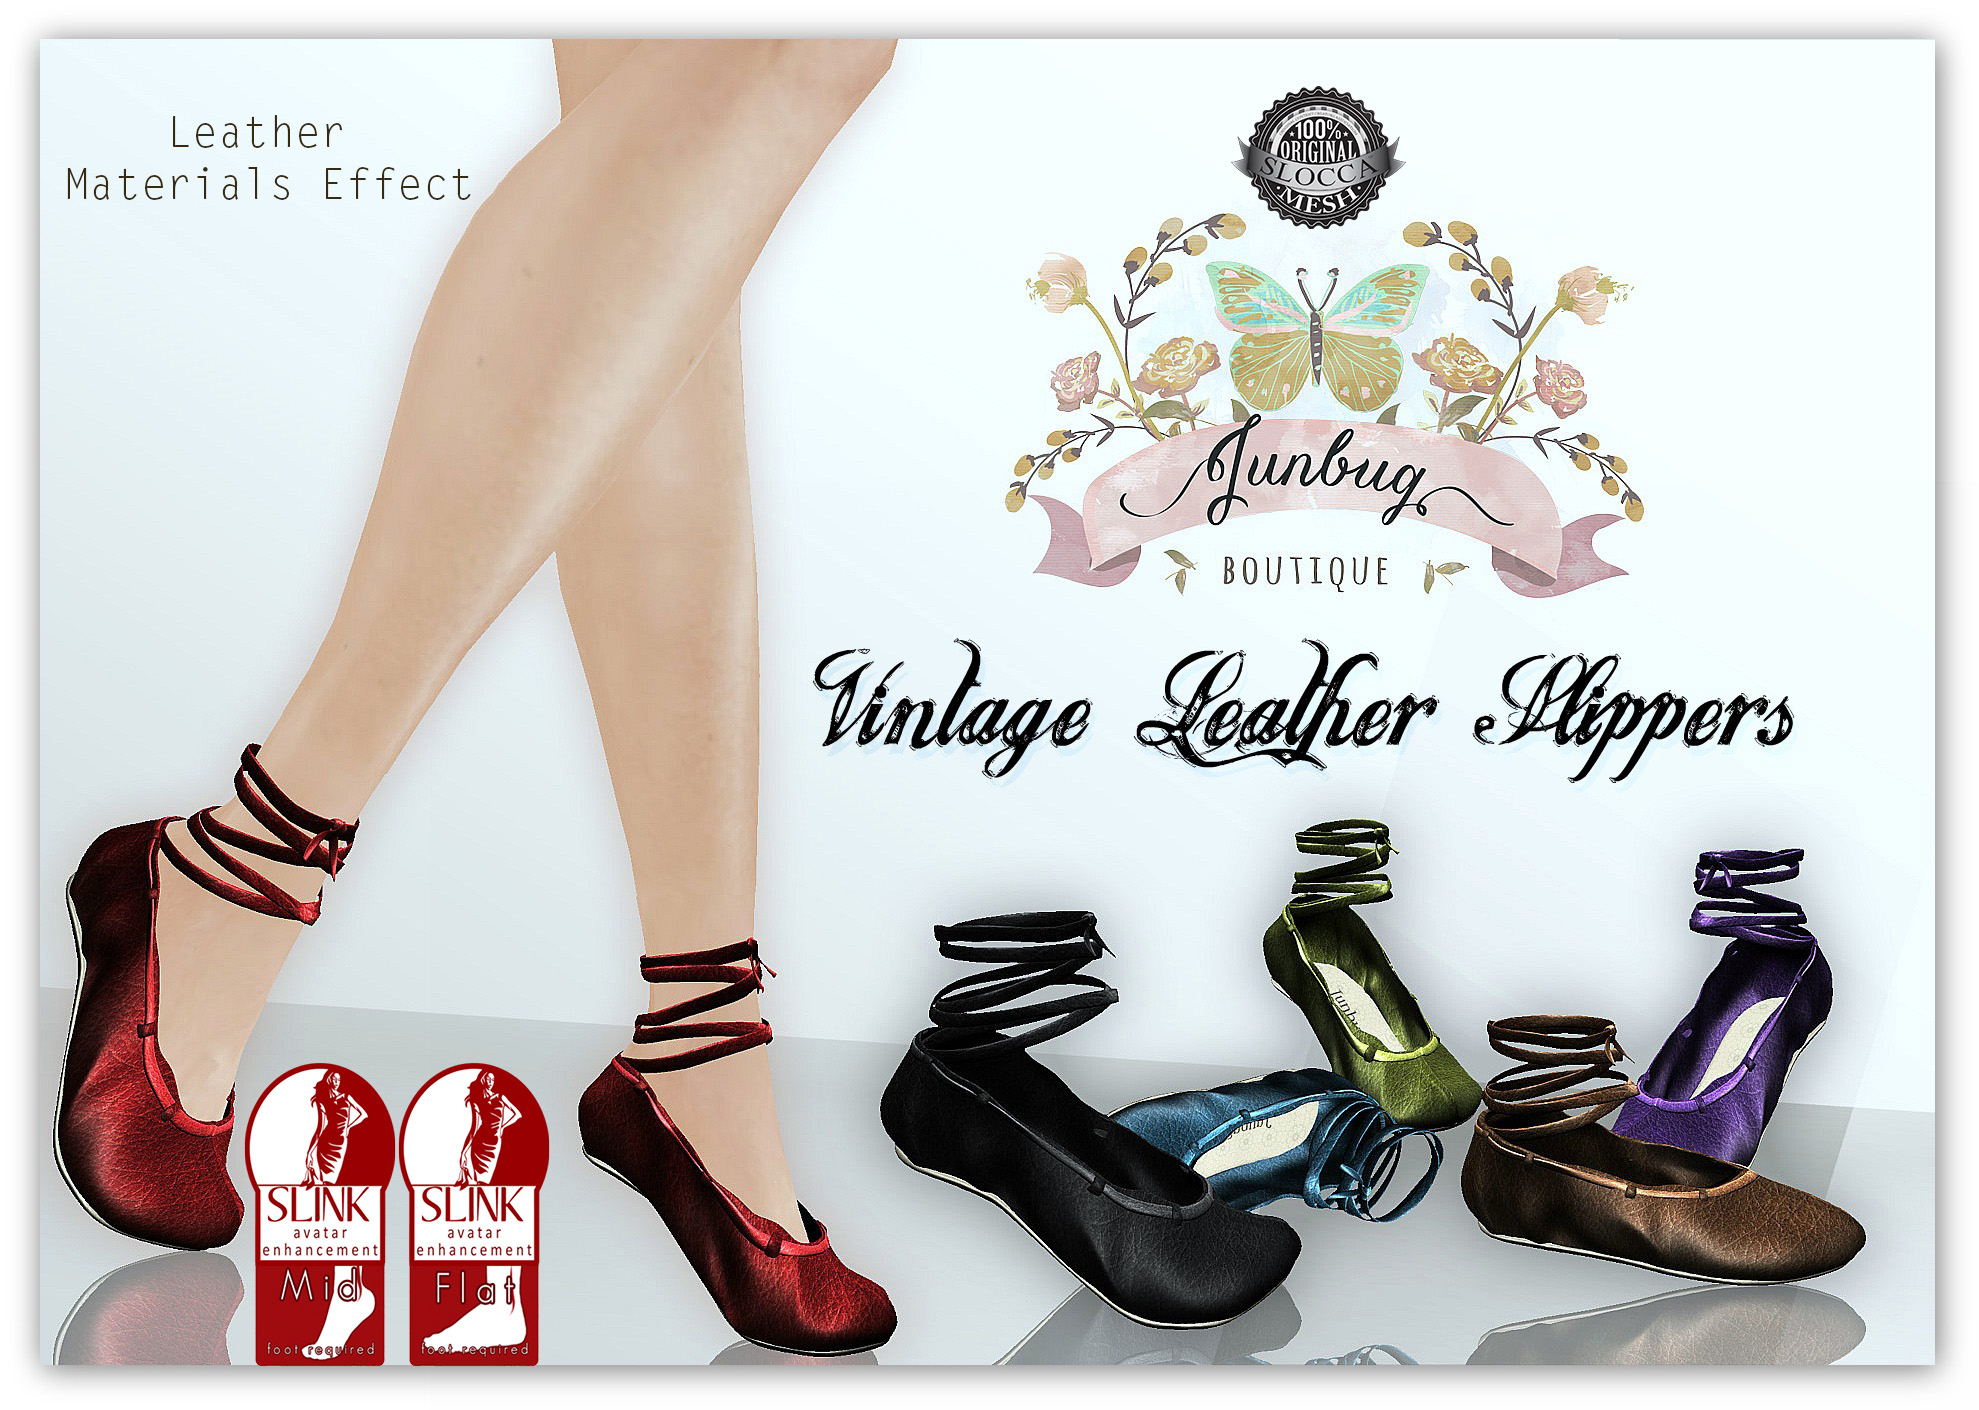 Vintage Leather Slippers for SLink